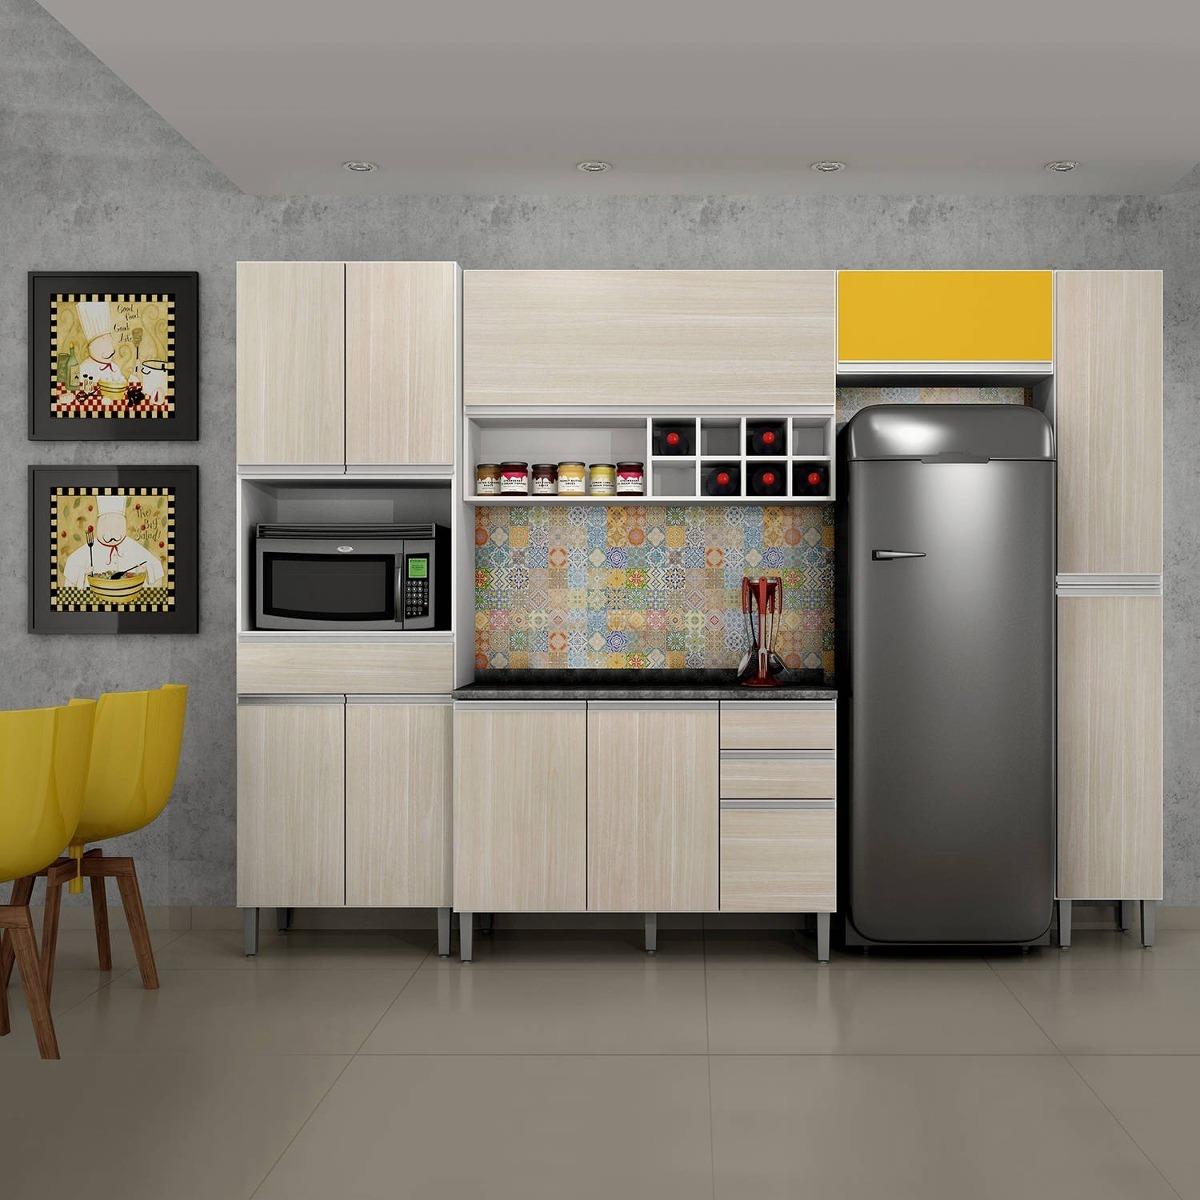 Cozinha Completa Balc O Com Tampo 5 Pe As Carrara I He R 1 349 90